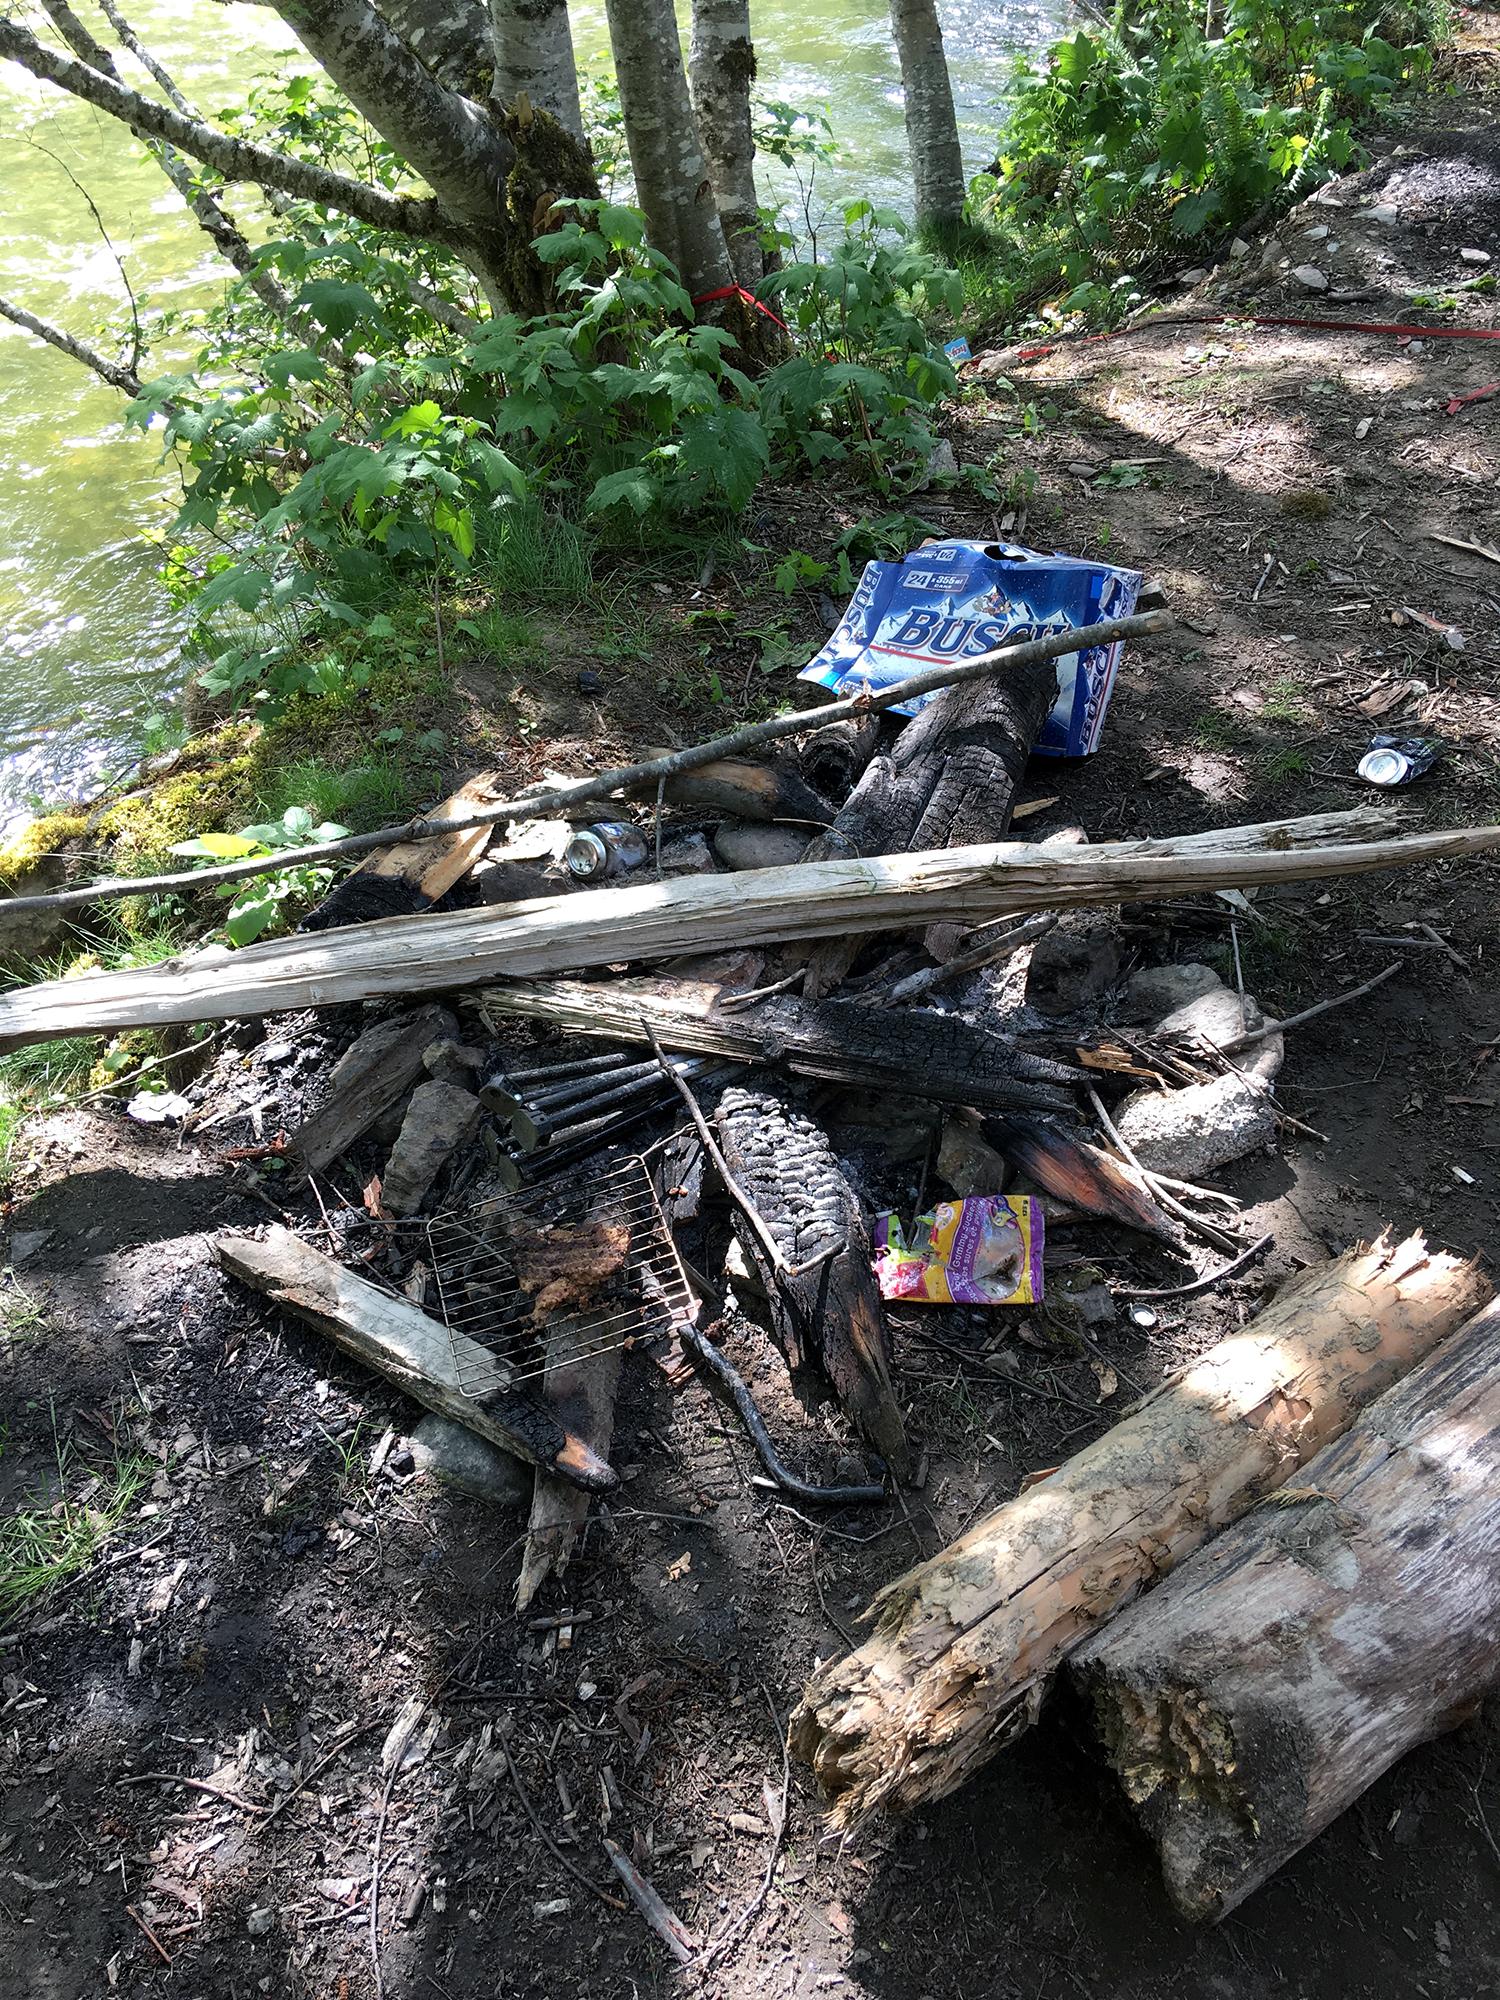 Generic Van Life - Vancouver Skagit River Trash